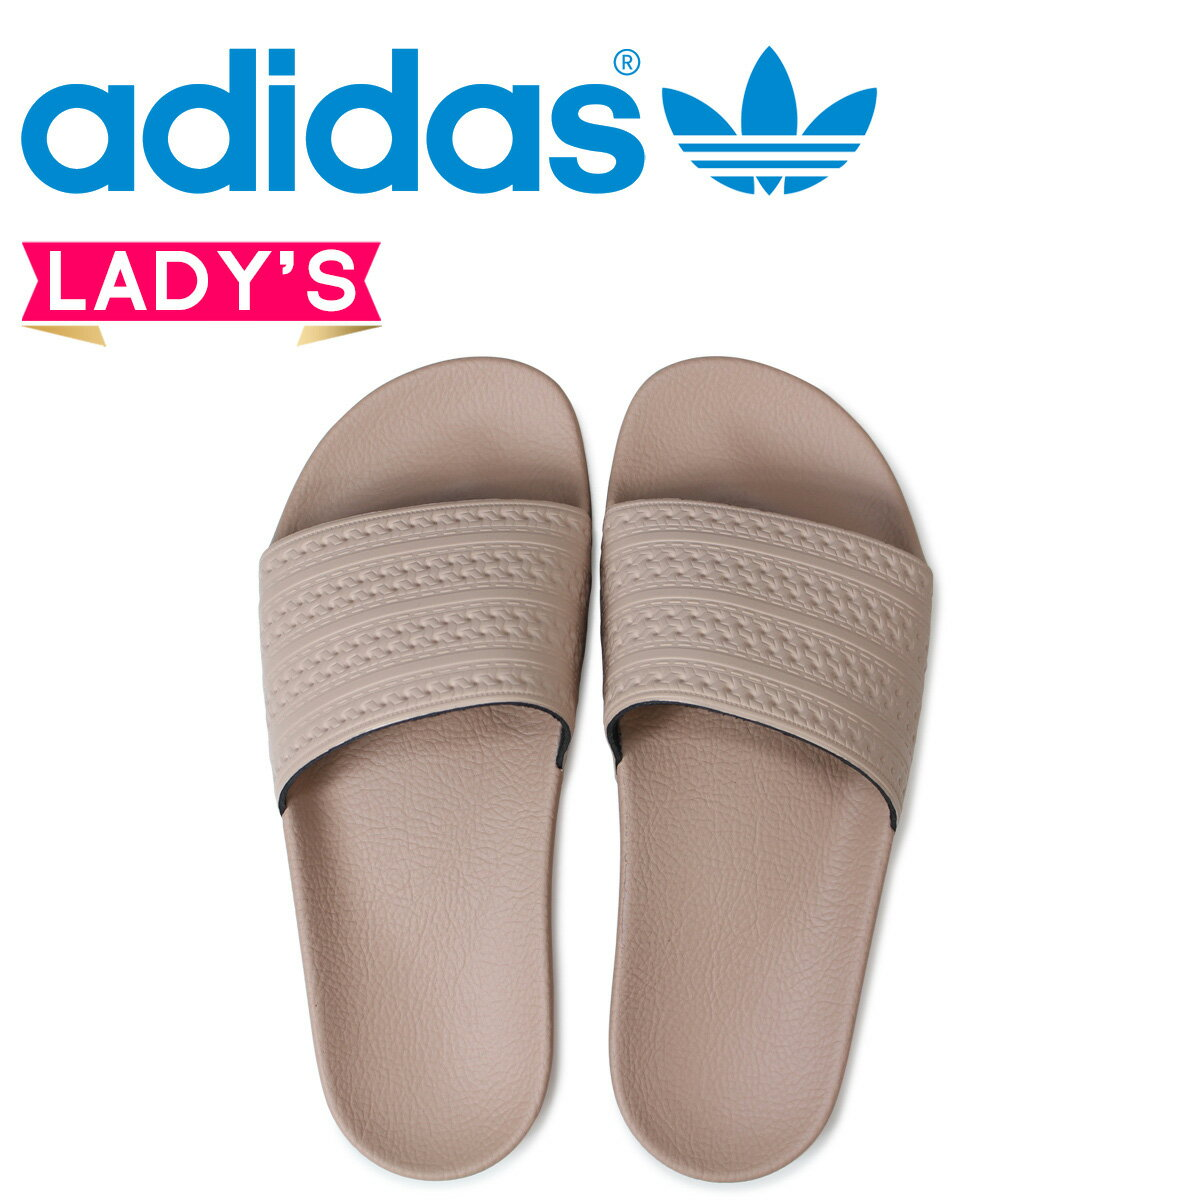 アディダス アディレッタ adidas Originals レディース サンダル シャワーサンダル WOMENS ADILETTE SLIDES CQ2235 ピンクベージュ オリジナルス [予約商品 4/19頃入荷予定 新入荷]